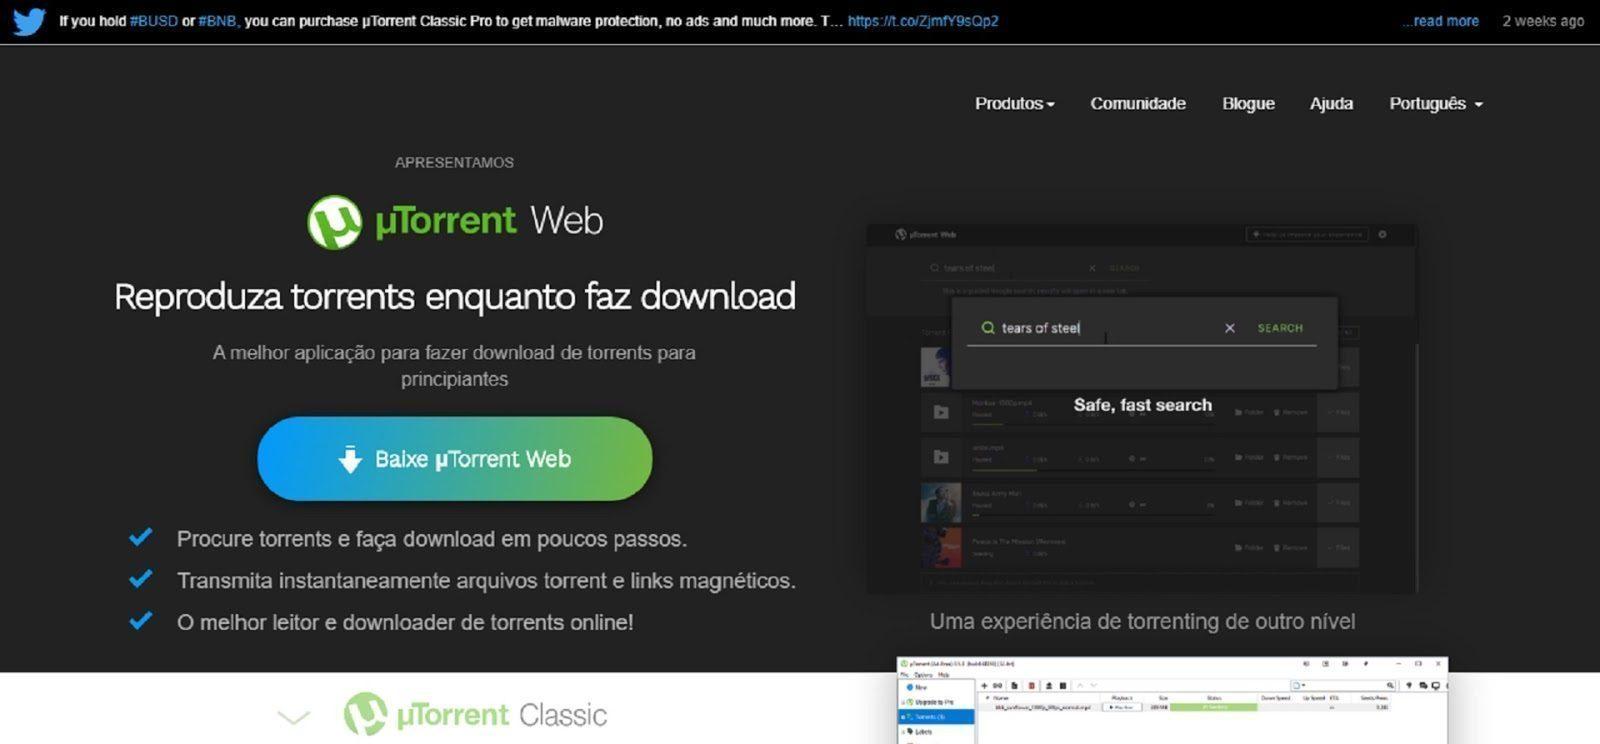 Como Usar Utorrent Web